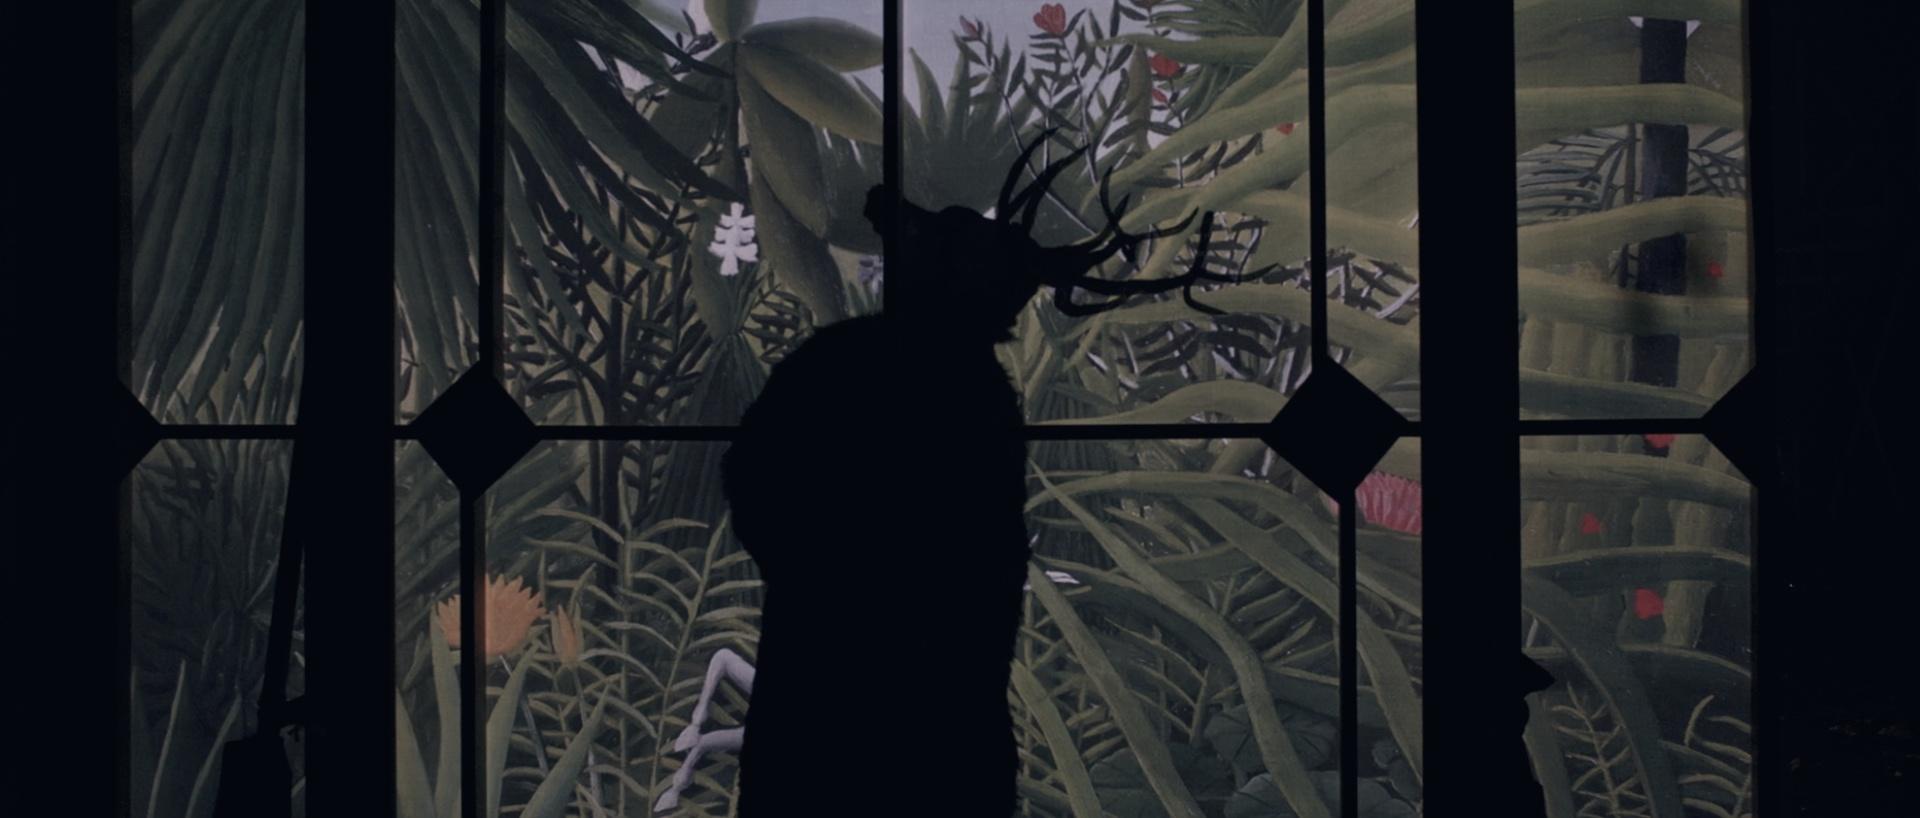 Actéon de Marc-Antoine Charpentier, mise en scène Benjamin Lazar et film Corentin Leconte, Théâtre du Châtelet, 2021. © Théâtre du Châtelet